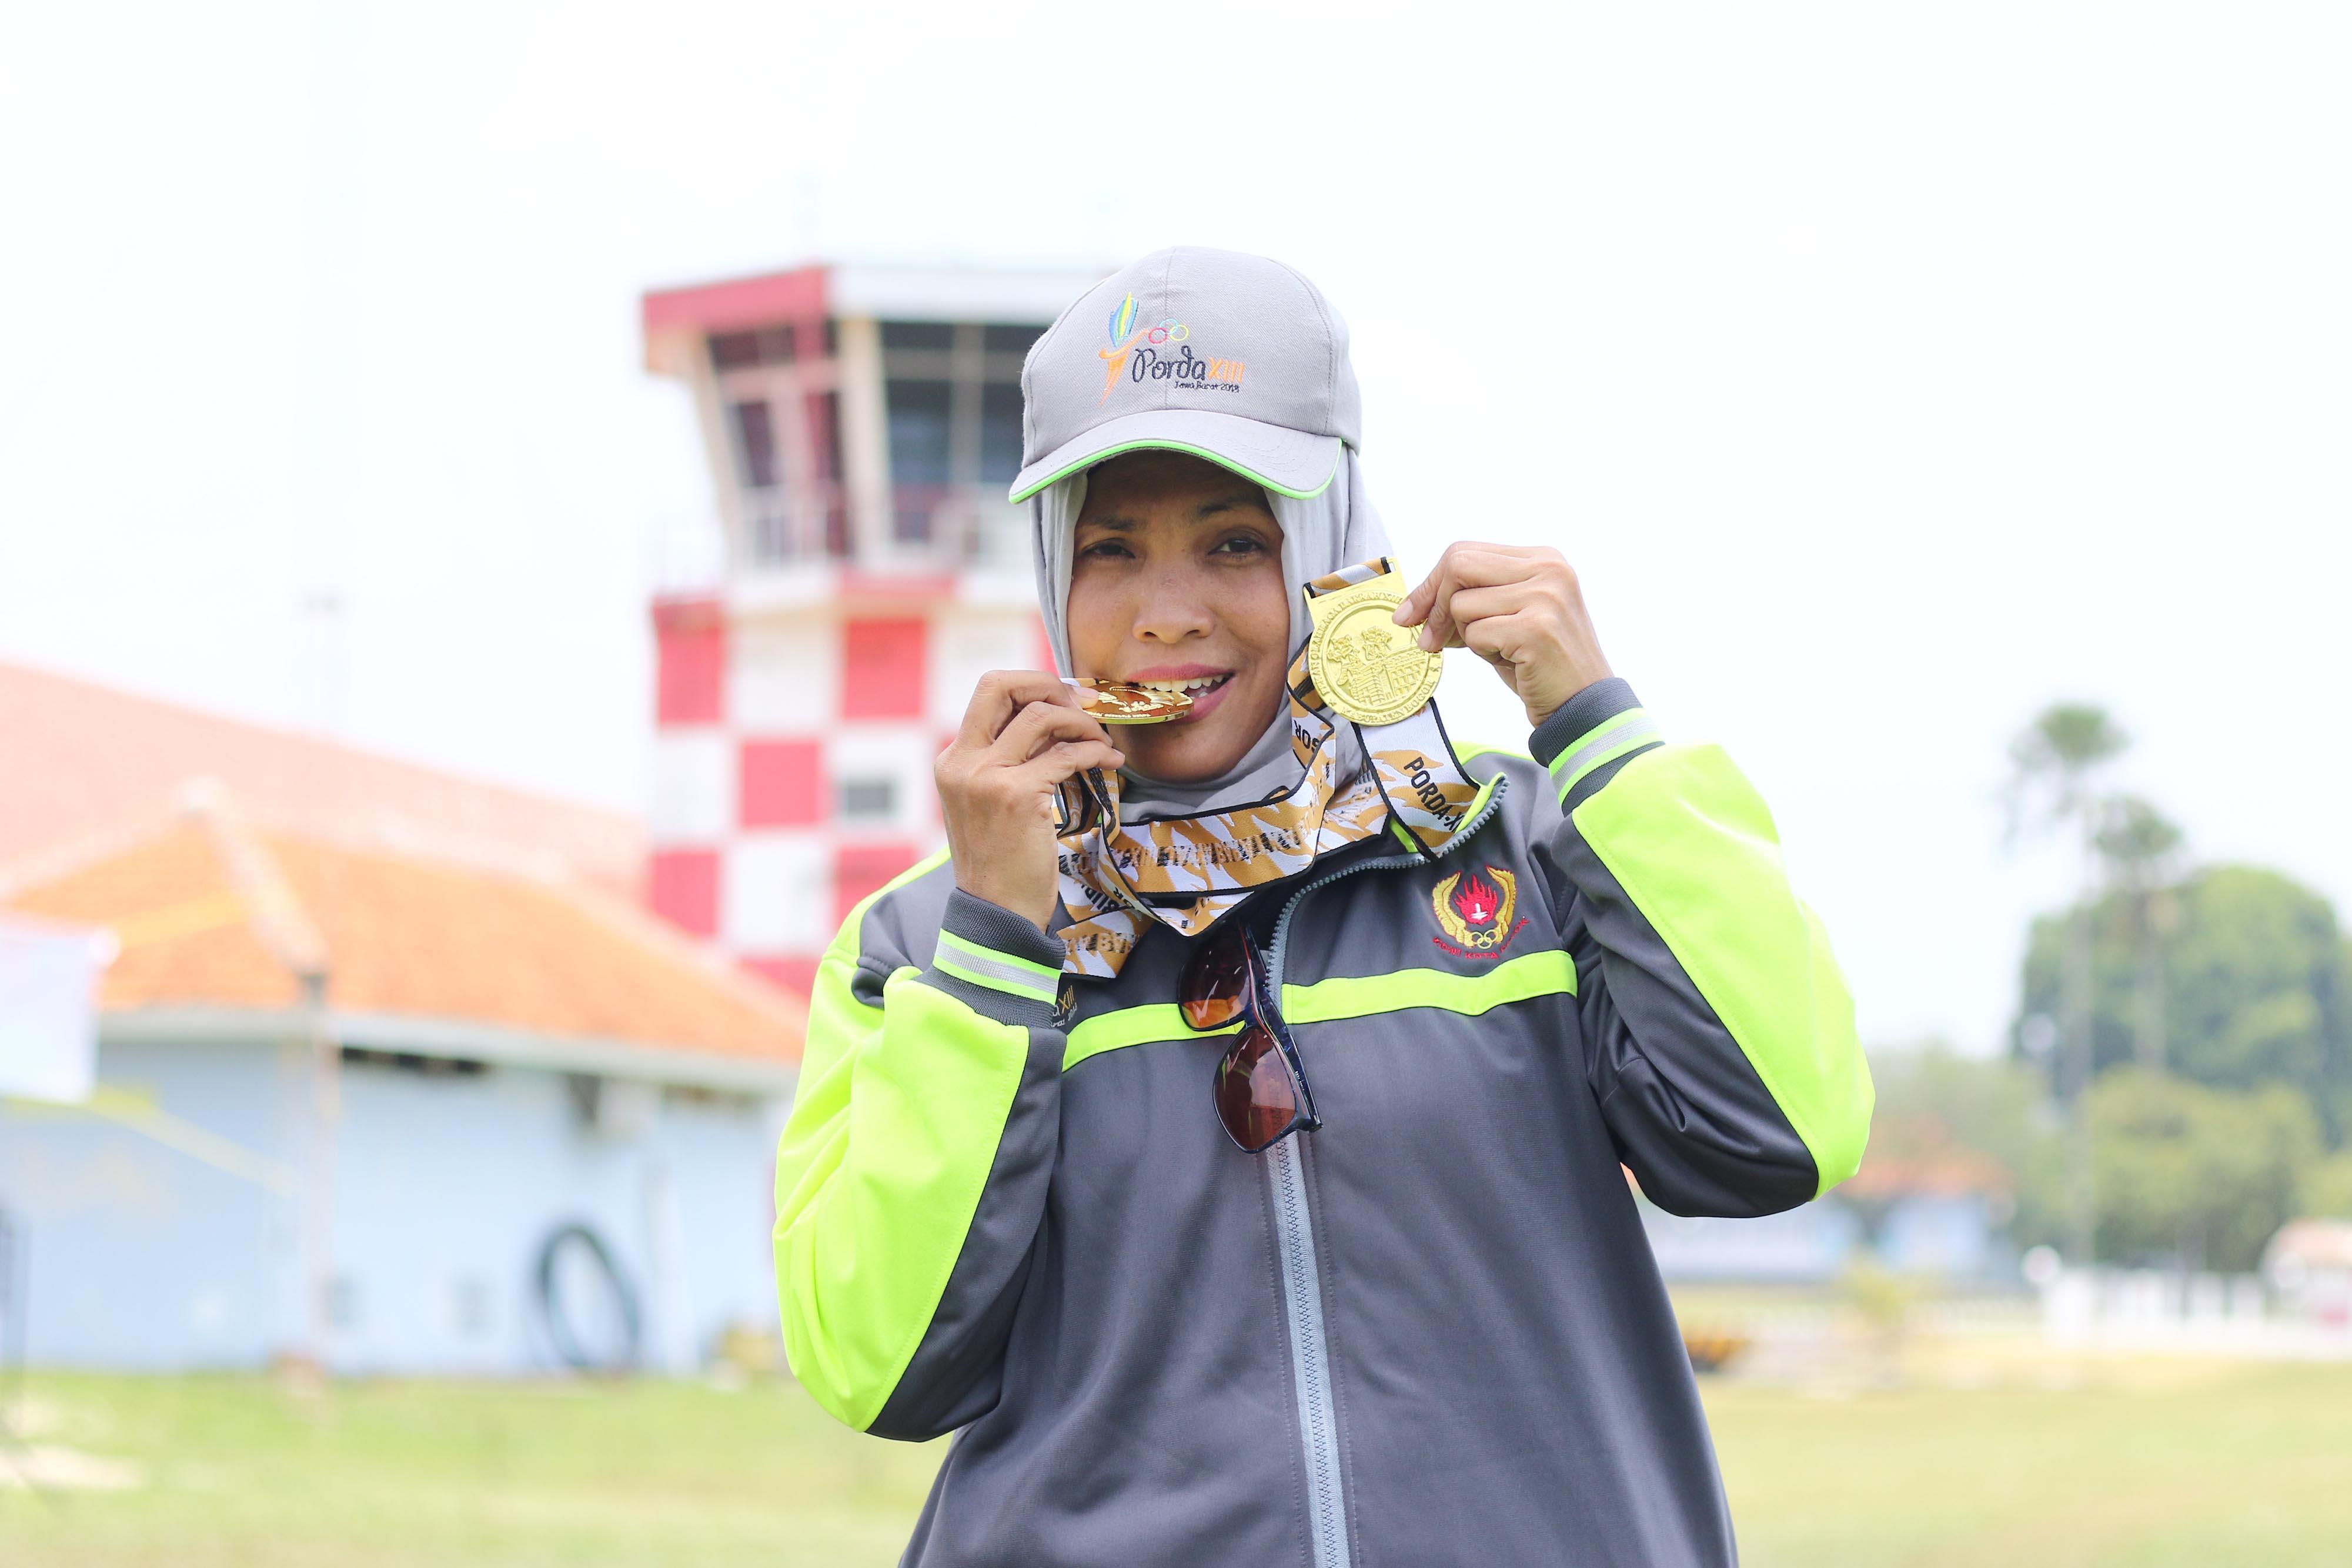 Tuti Lestari, Atlet Terjun Payung Kota Depok berpose dengan medali emas yang berhasil diraihnya pada PORDA JABAR XIII-2018 di Lanud. Atang Sendjaja, Semplak Bogor pada Sabtu (29/9) siang. Tuti berhasil mempersembahkan medali emas untuk Kota Depok di nomor Ketepatan Mendarat Perorangan dan Beregu Putri. KONI KOTA DEPOK/Faruqi/2018